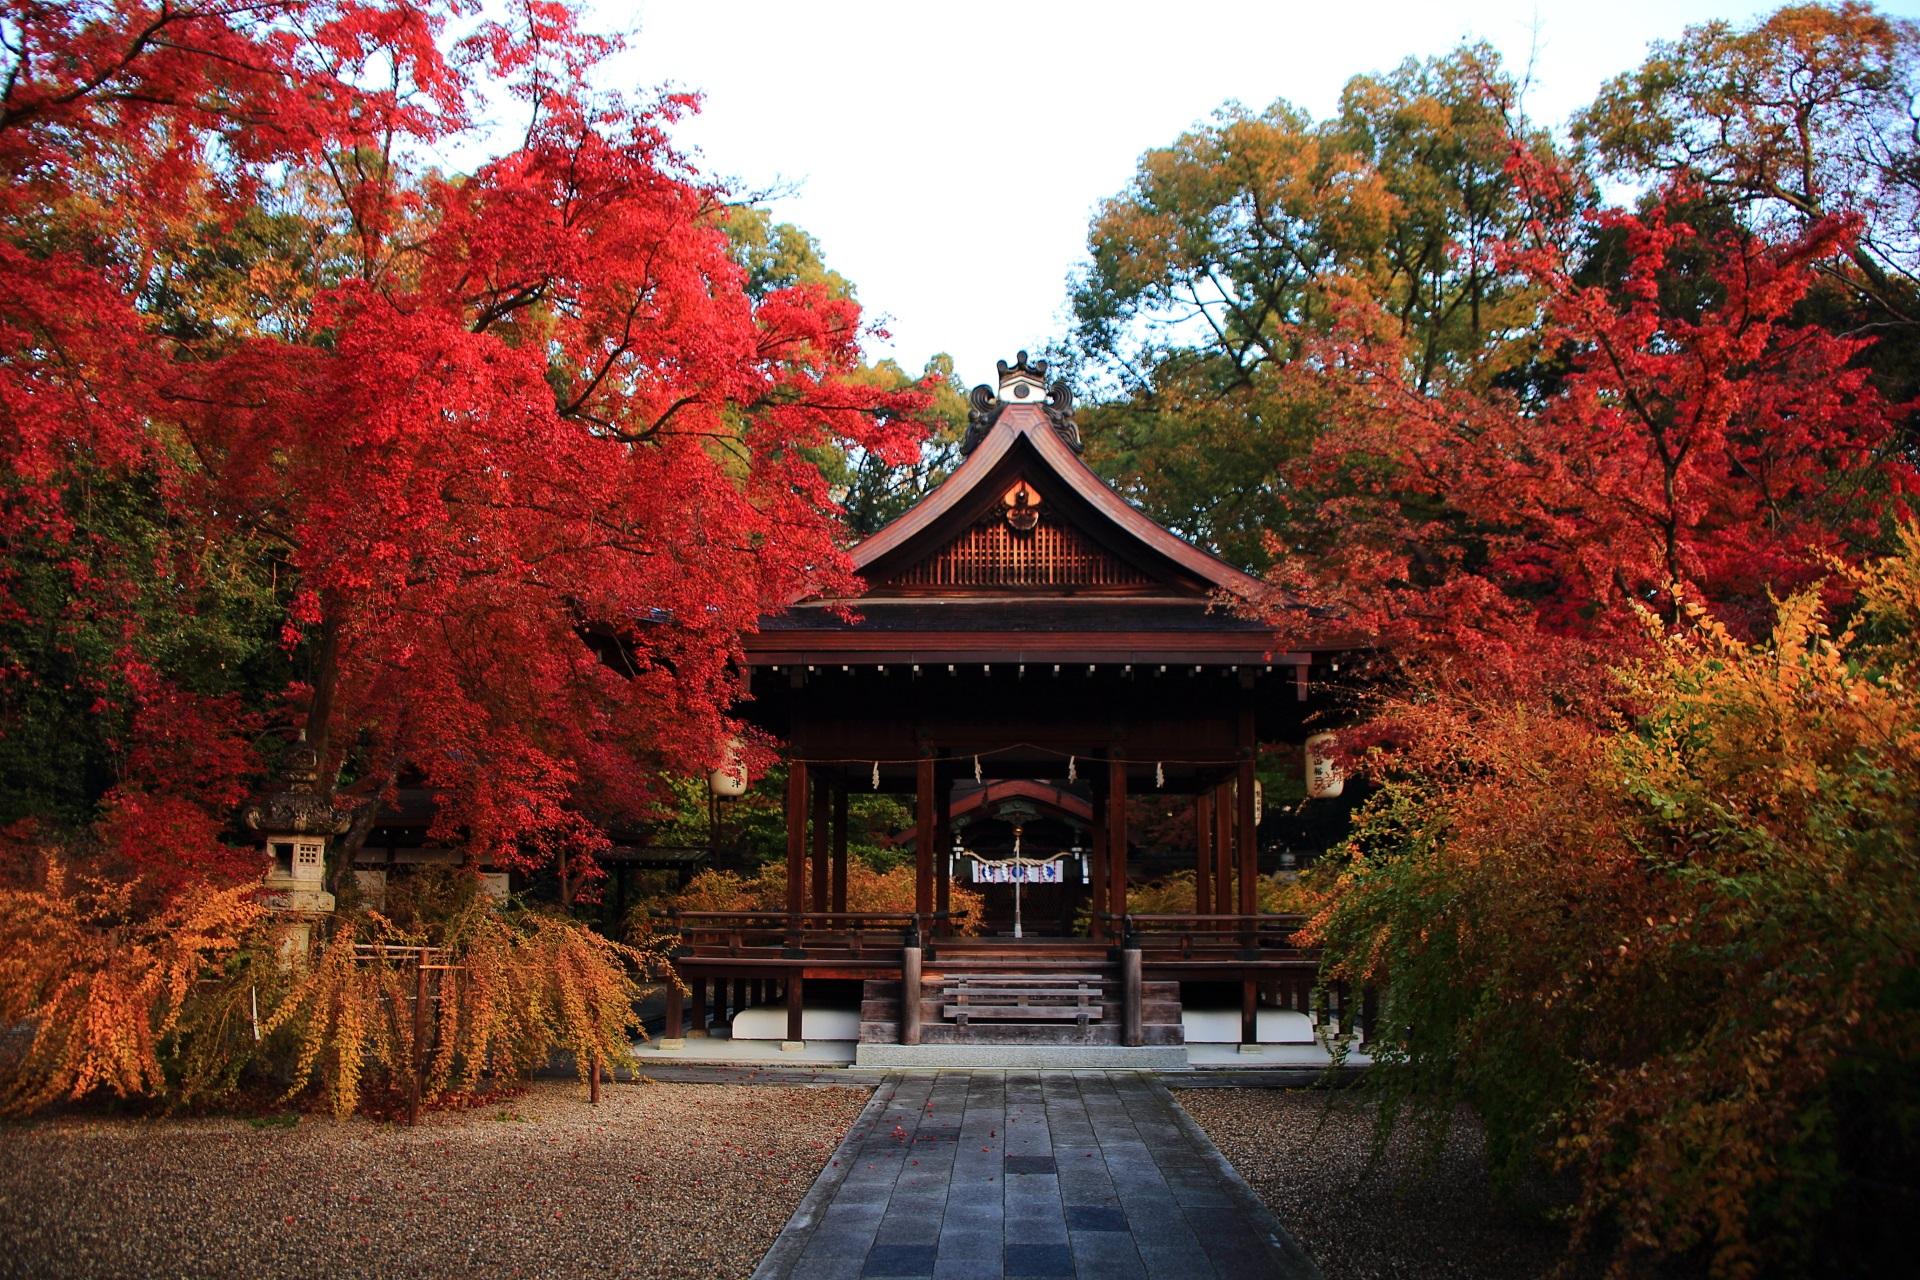 絶品の紅葉と彩りにつつまれる晩秋の梨木神社